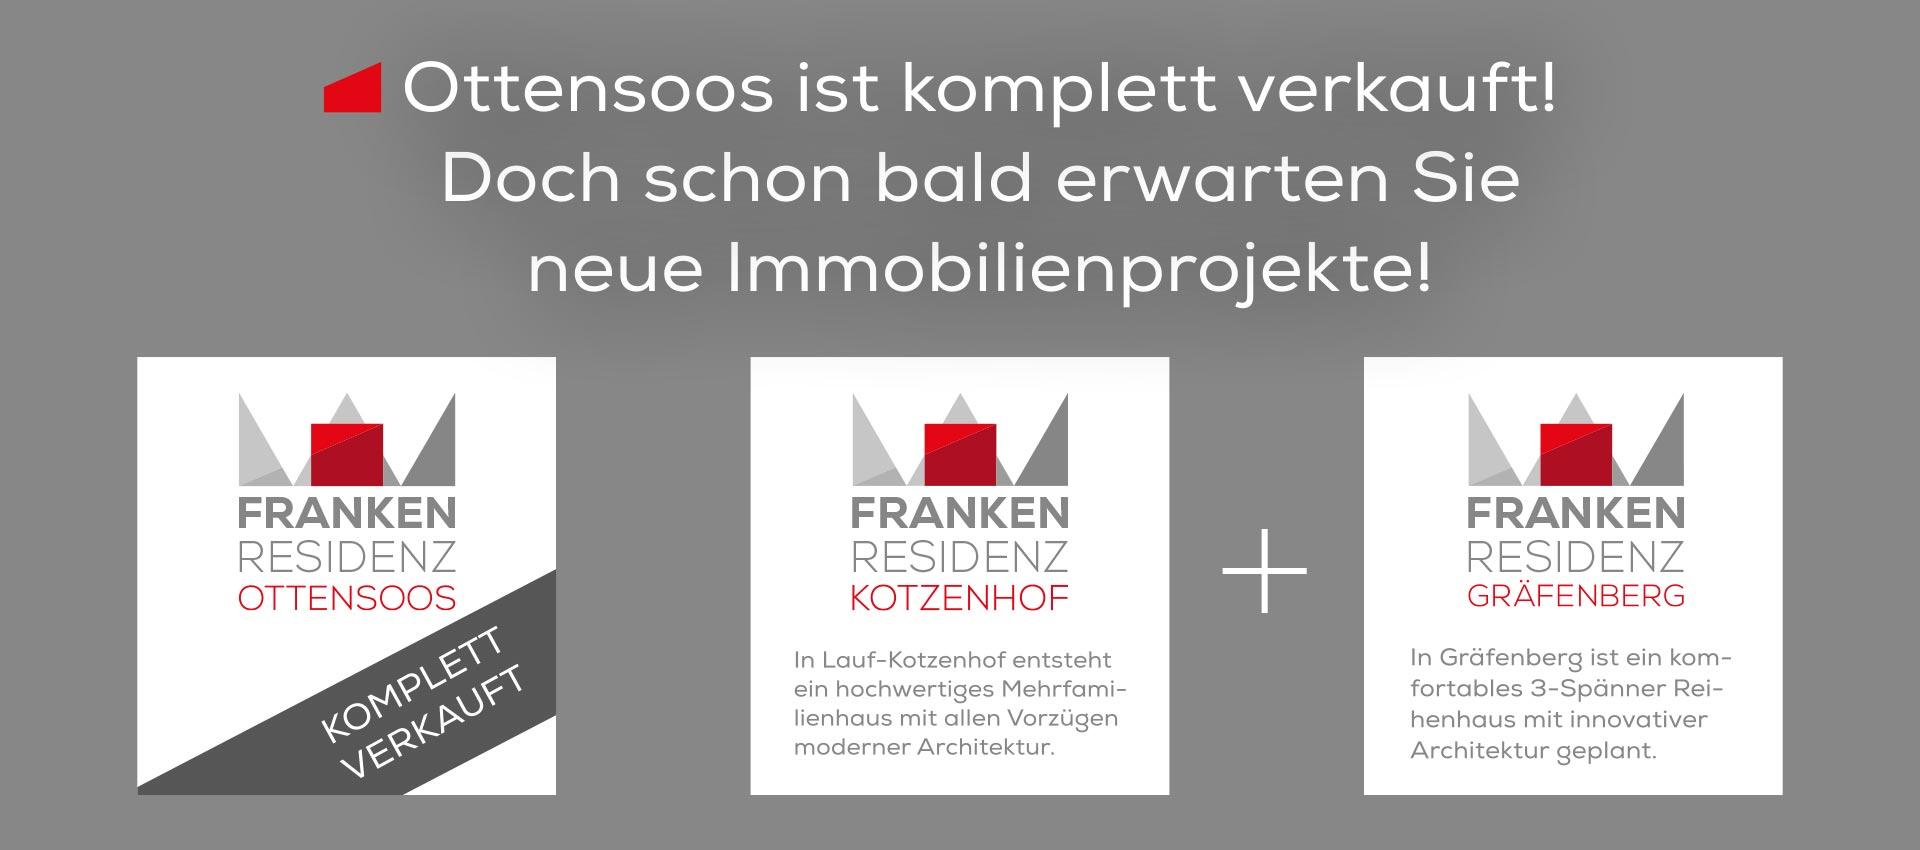 Projektübersicht | Frankenresidenz